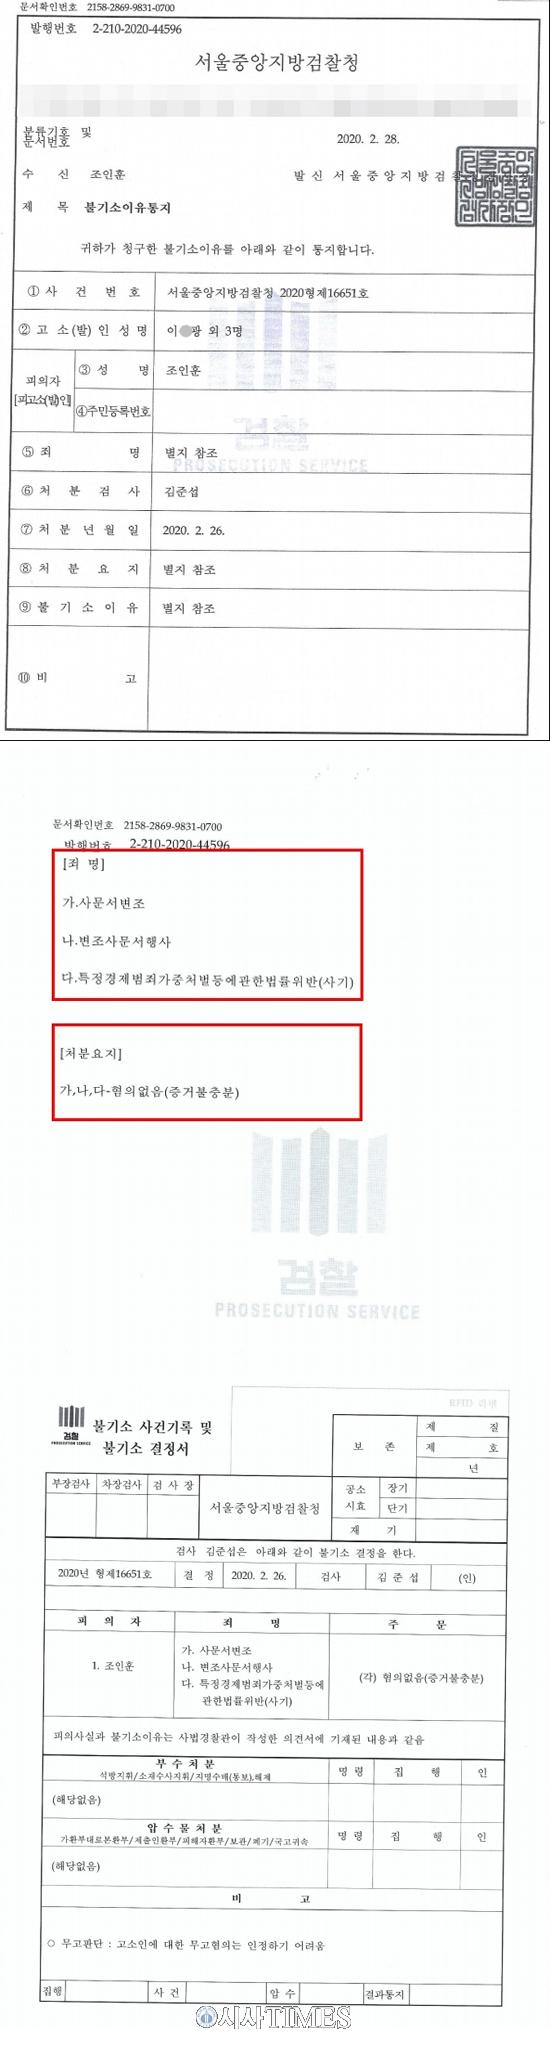 검찰, 새봉천교회 조인훈 목사 무혐의 결정…3가지 범죄 사실 모두 '혐의없음'